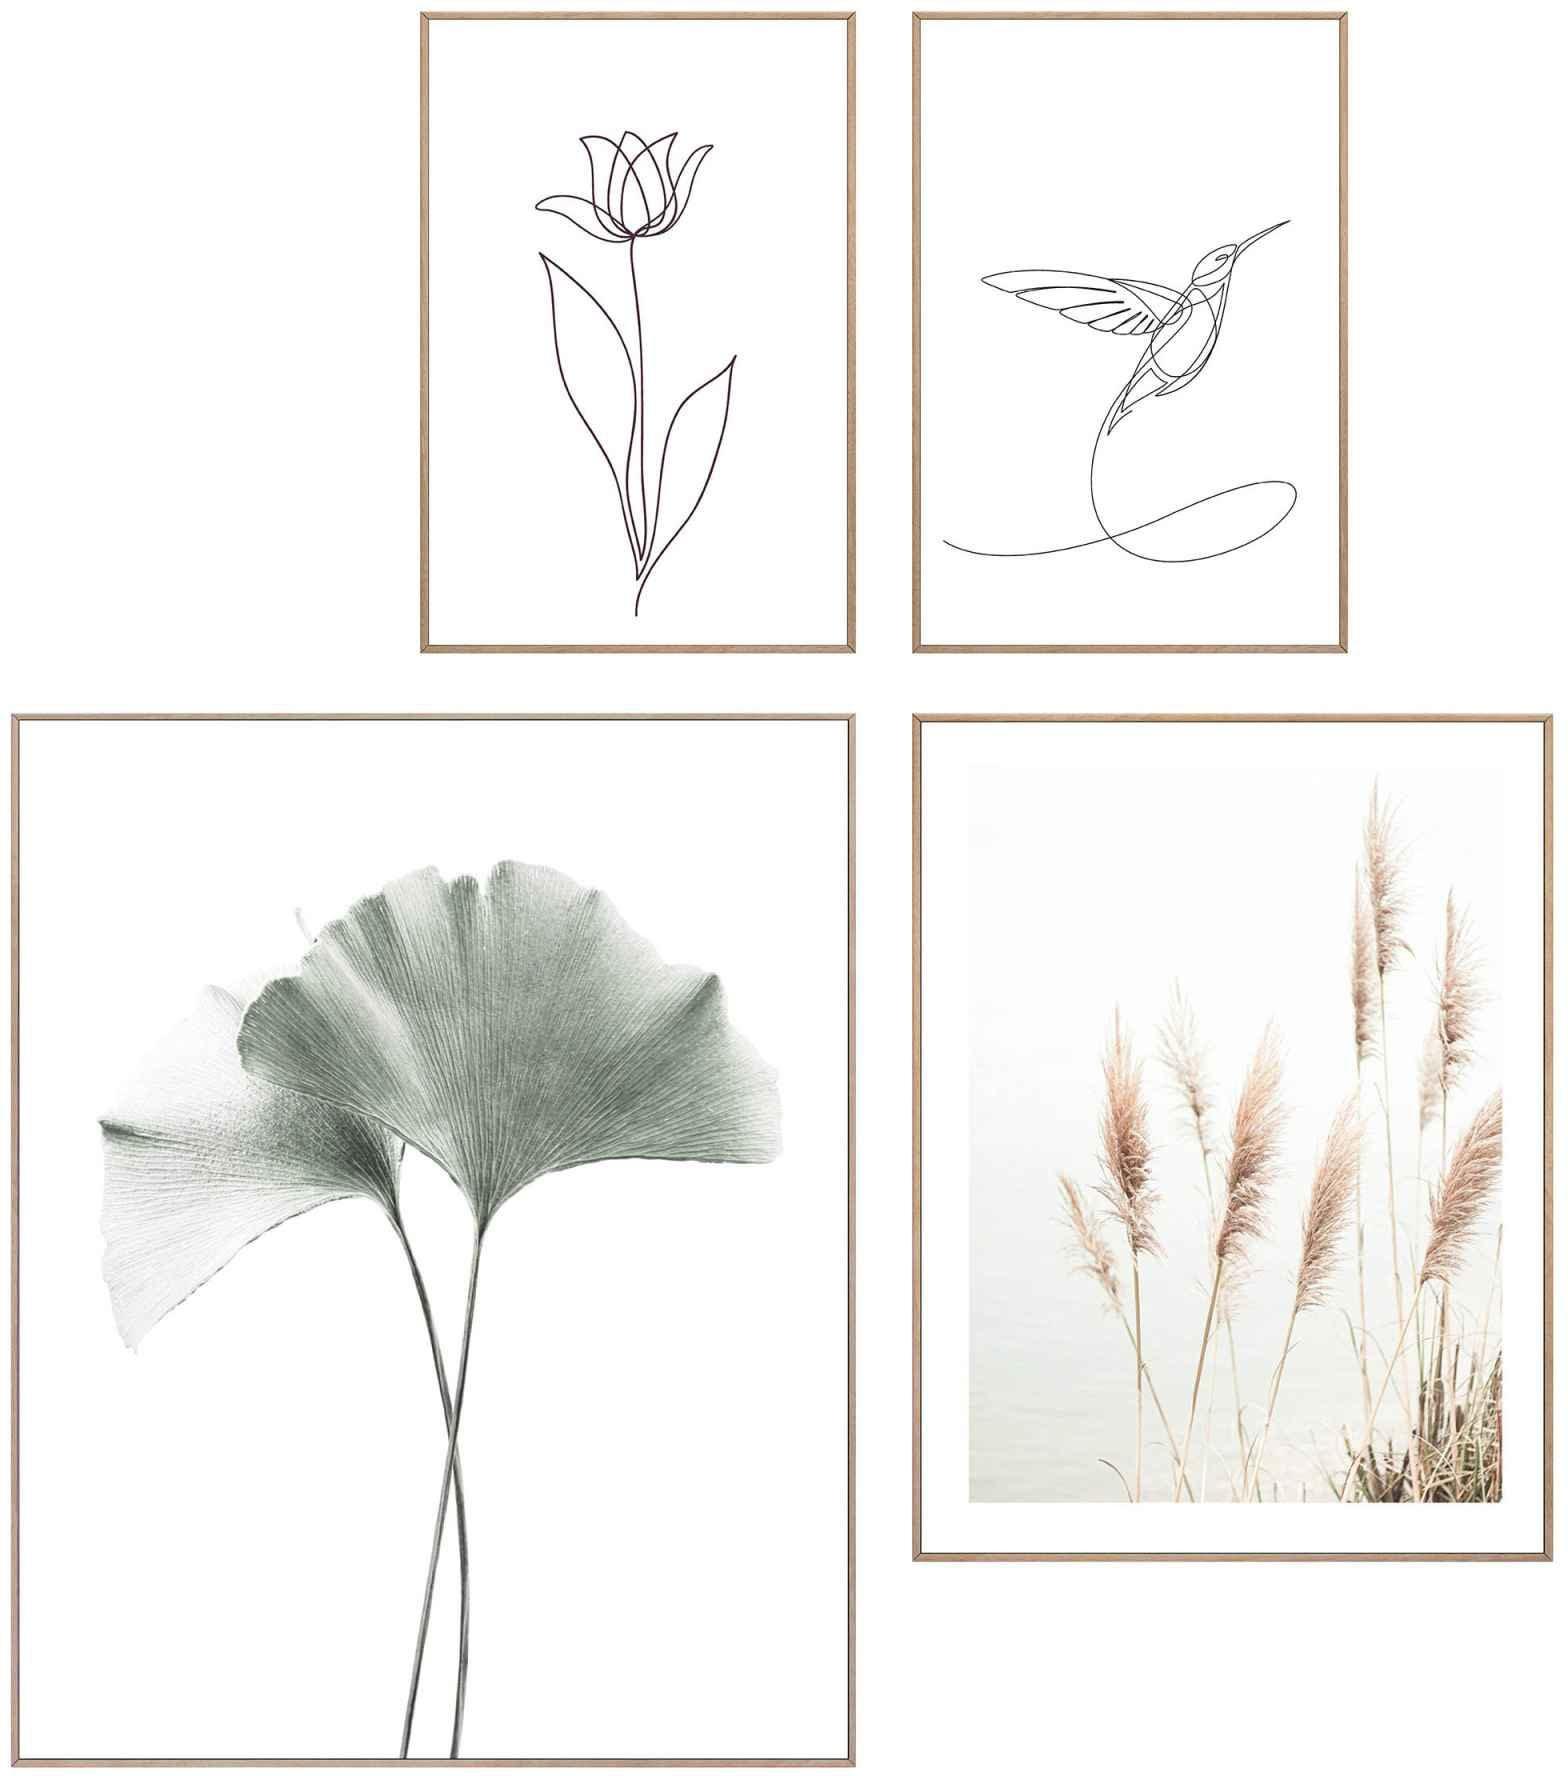 Reinders! artprint Wandbilder Set Linienzeichnung Natur Ginkgo - Kolibrie - Pflanz - Blum - Kunst (4 stuks) - verschillende betaalmethodes